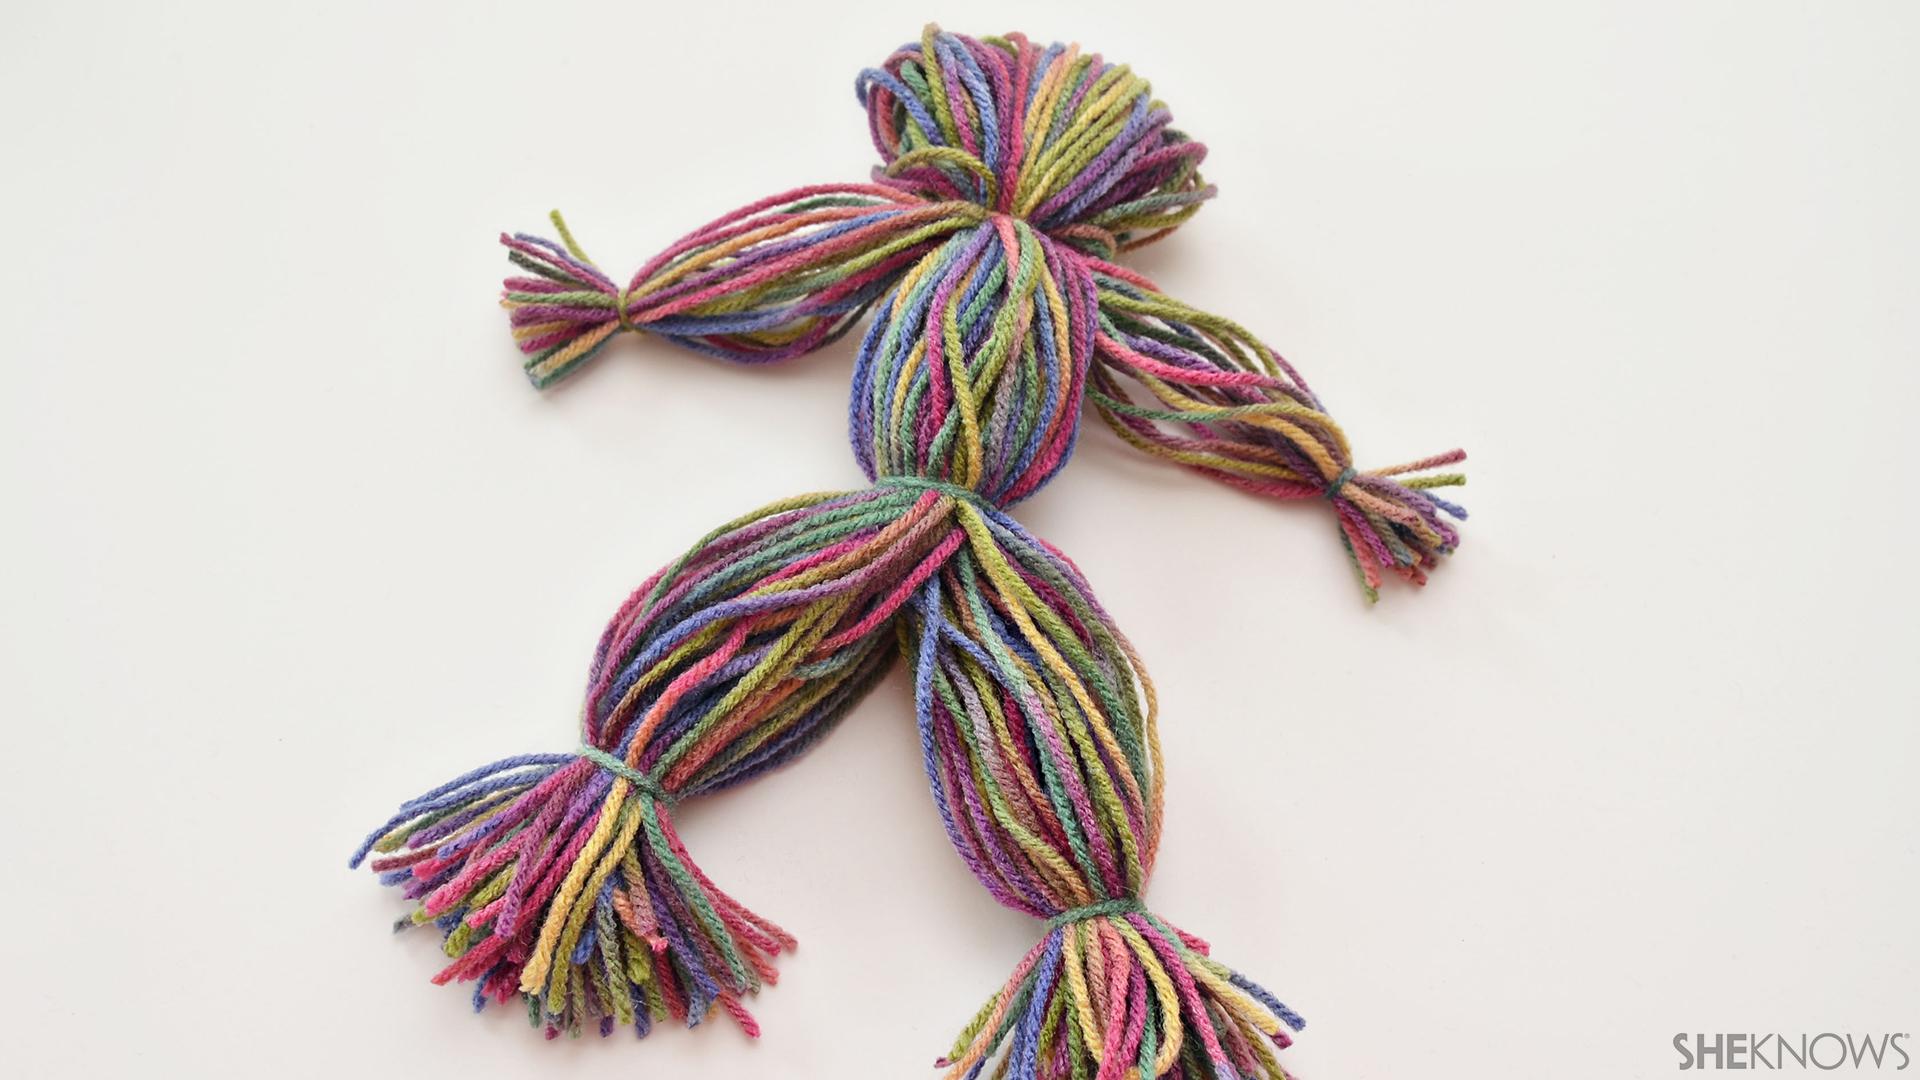 Yarn doll craft | Sheknows.com